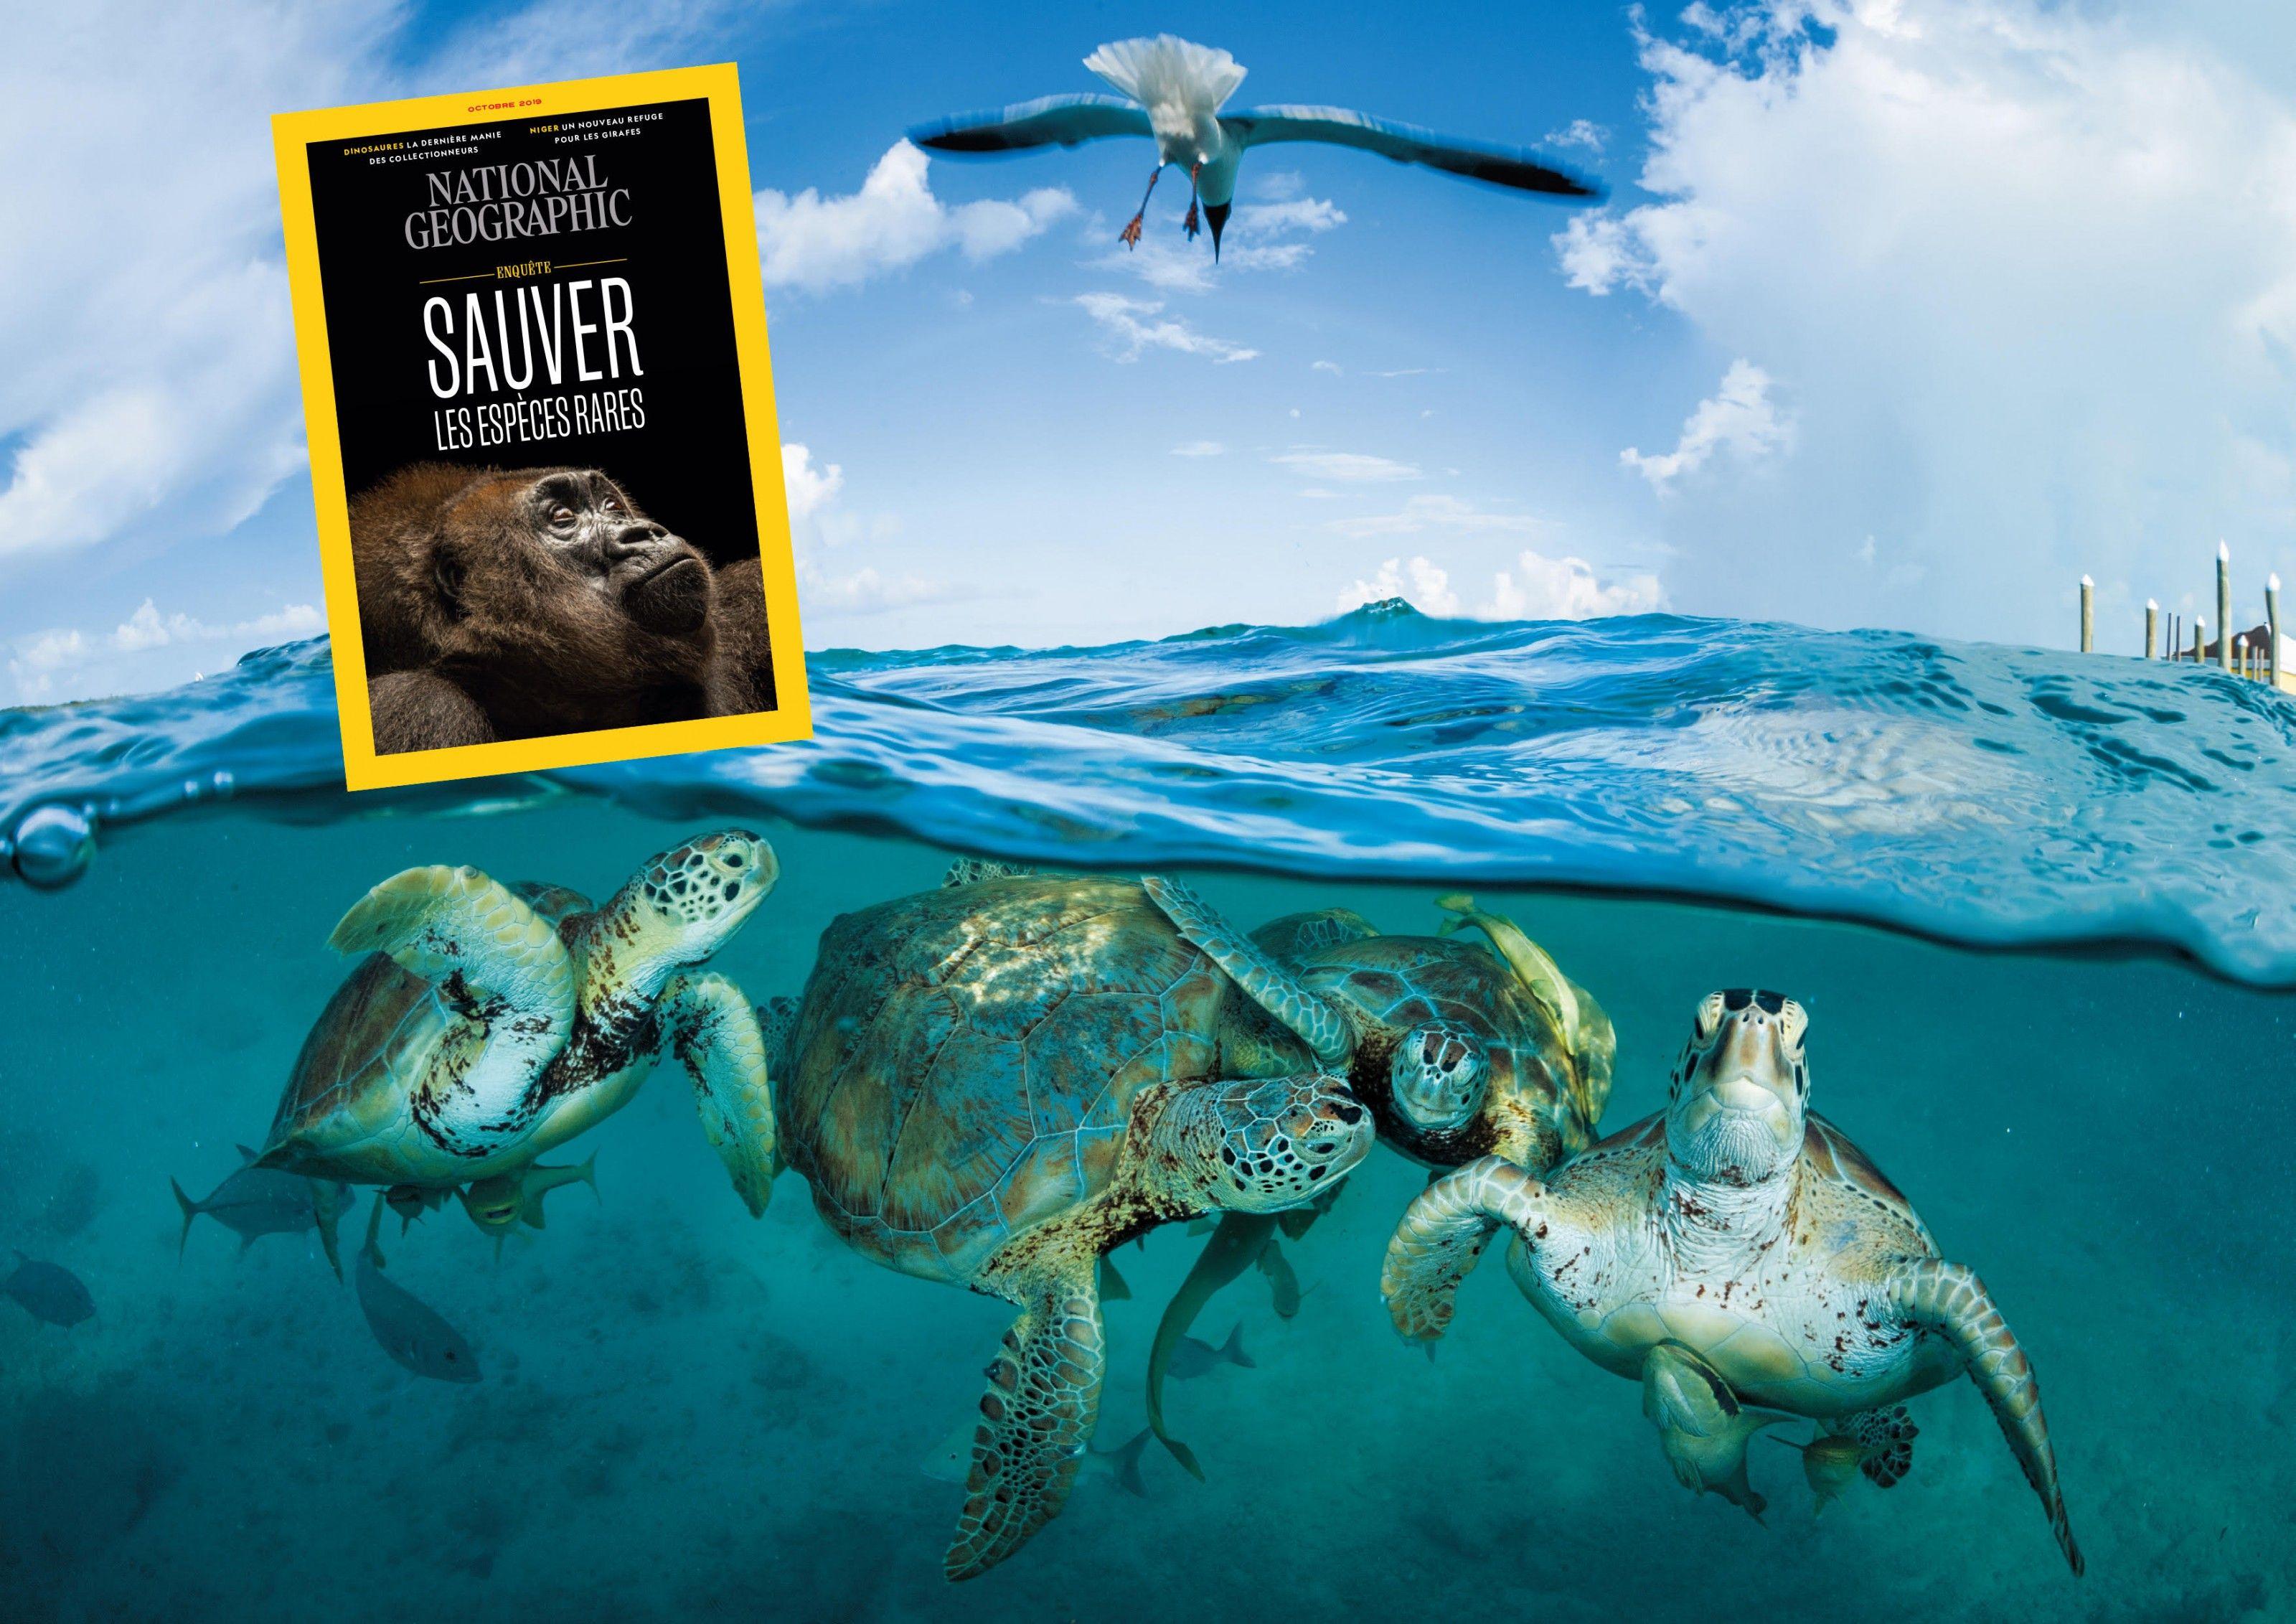 Sommaire du magazine National Geographic d'octobre 2019 : Sauver les espèces rares   National Geographic